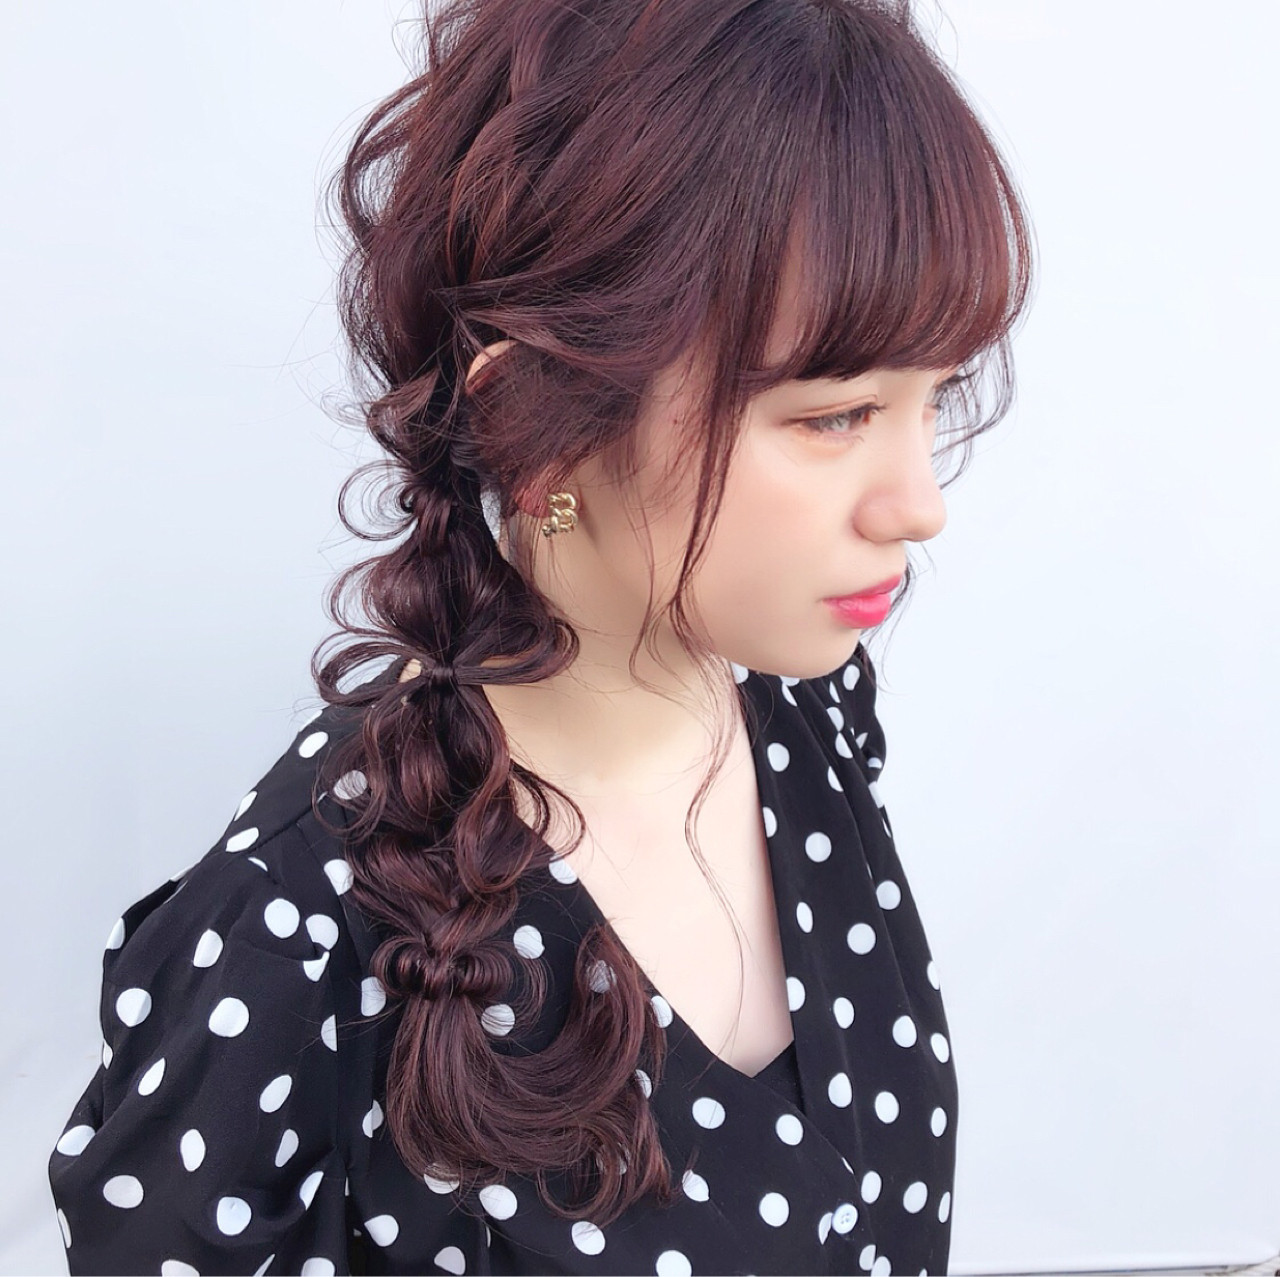 前髪ありのキュートな可愛い系アレンジ hii.de@✂︎